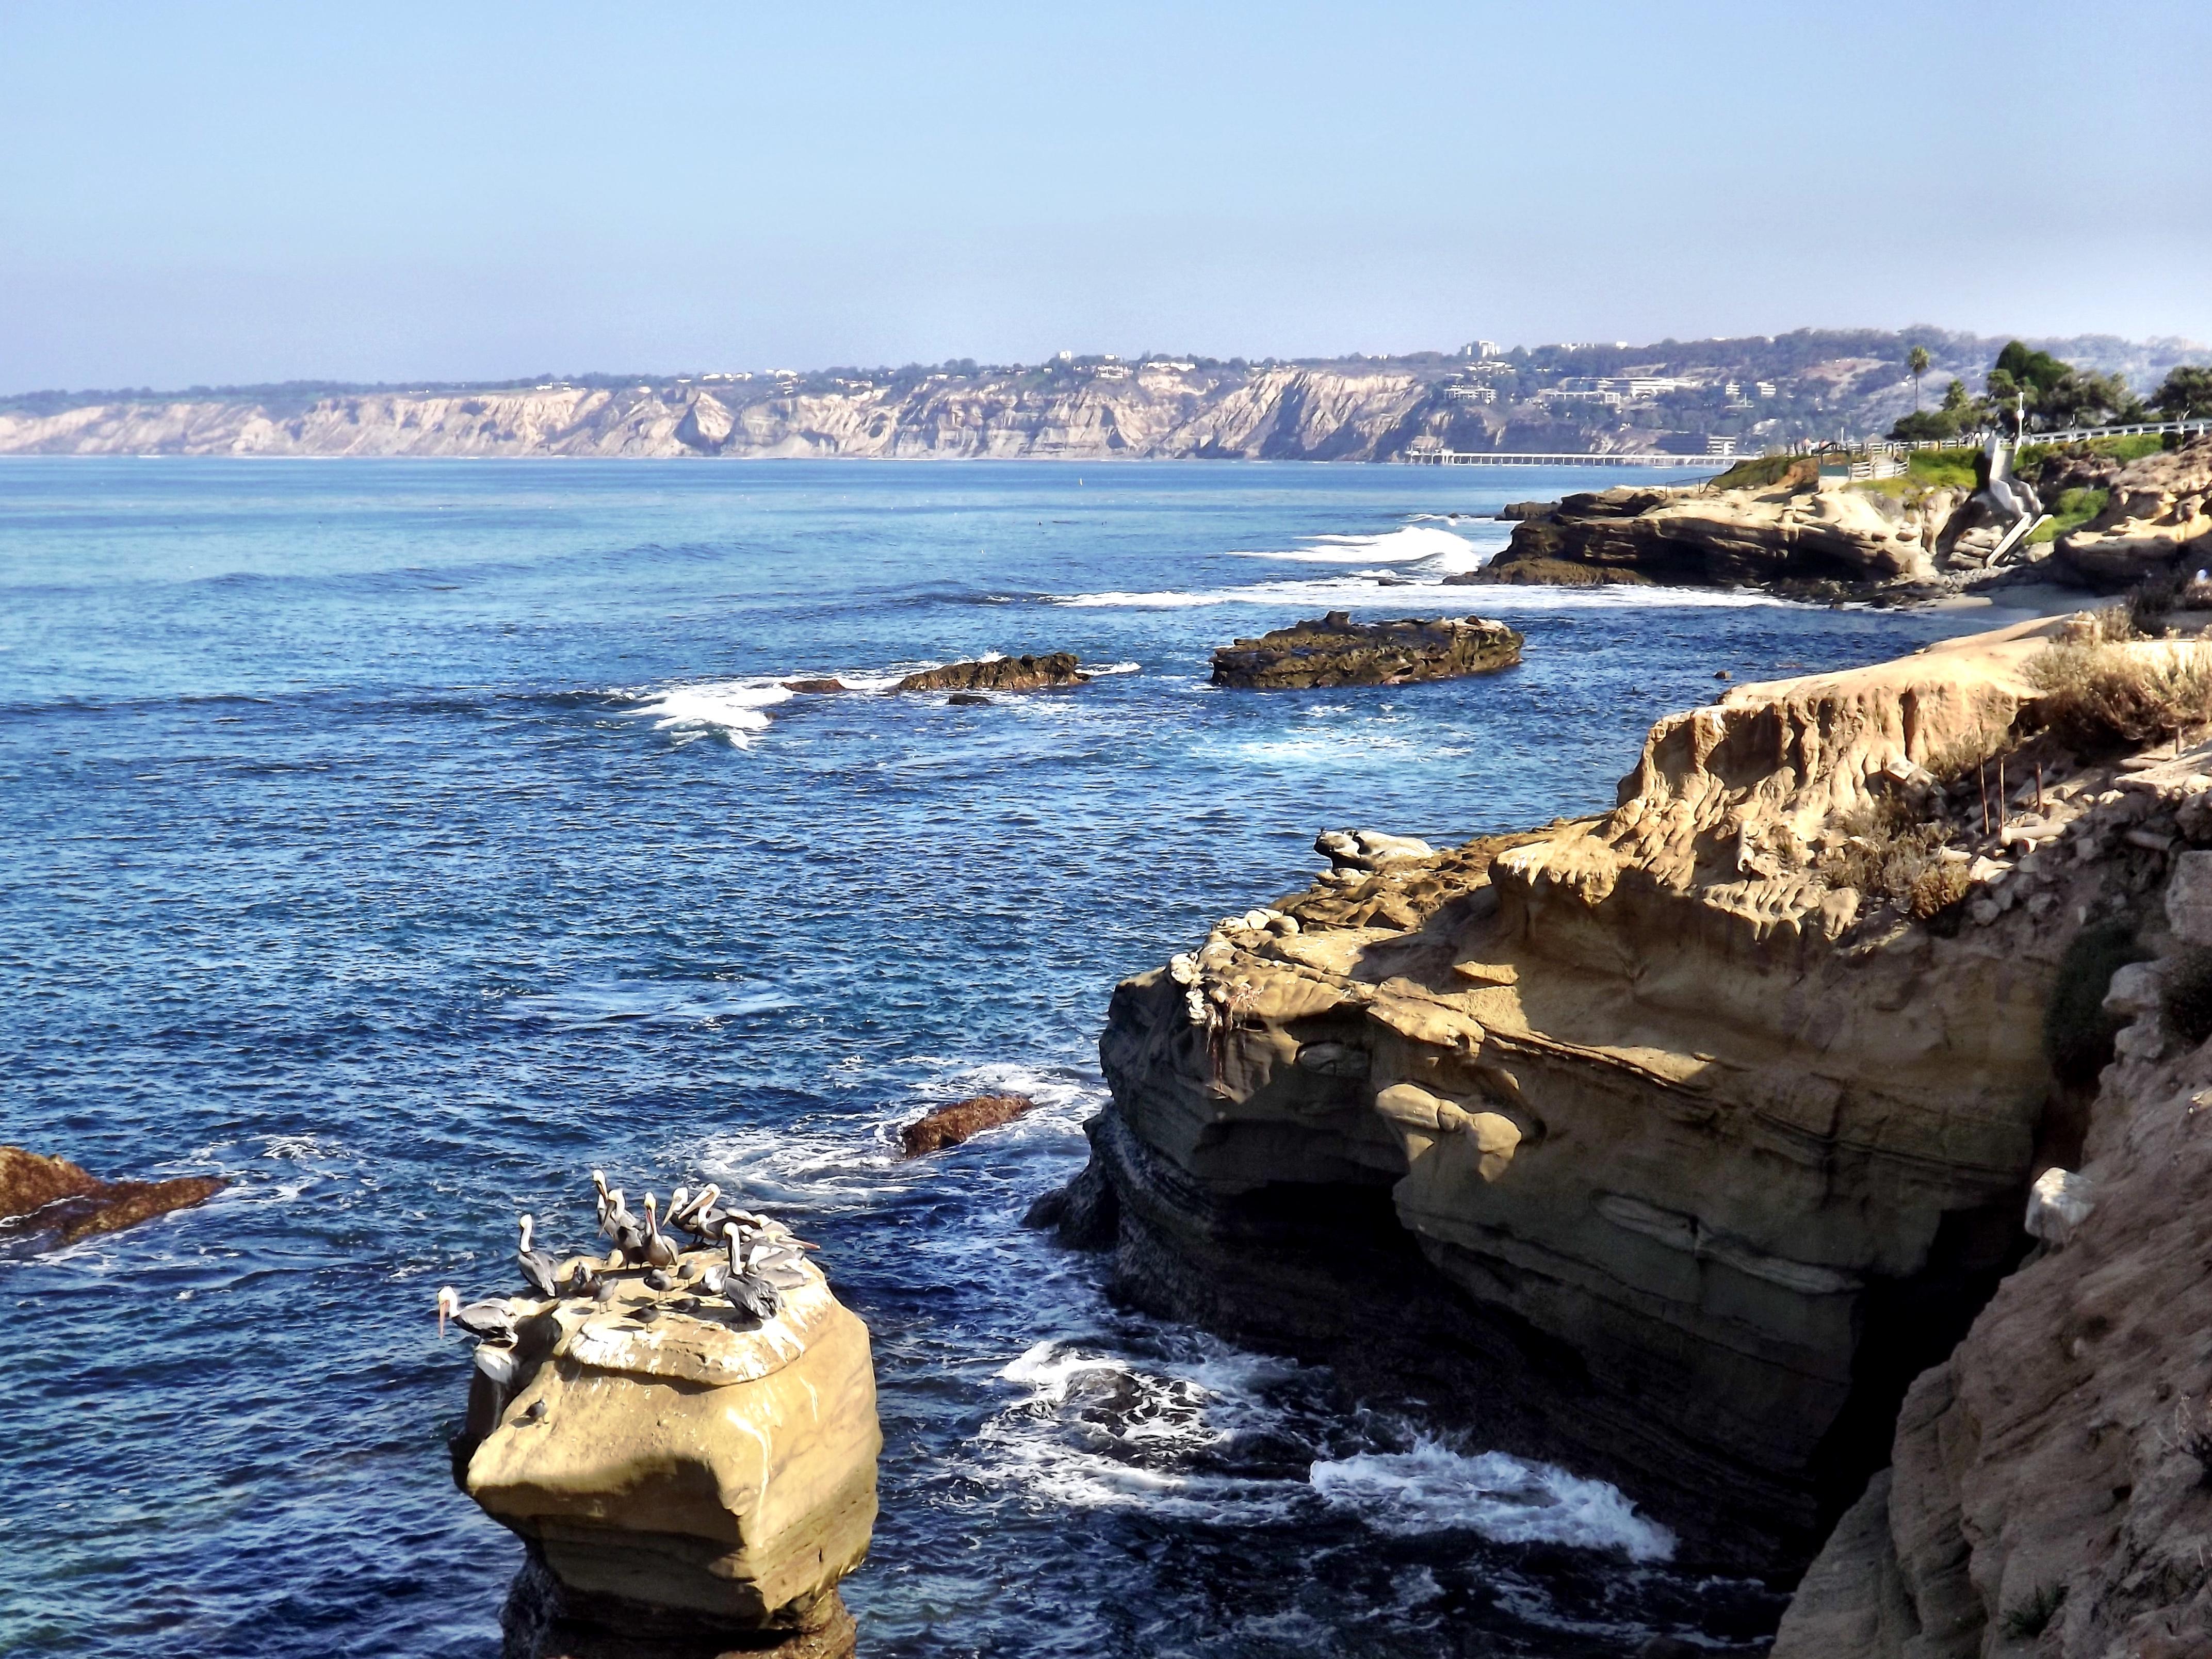 San Diego - California - La Jolla Cove